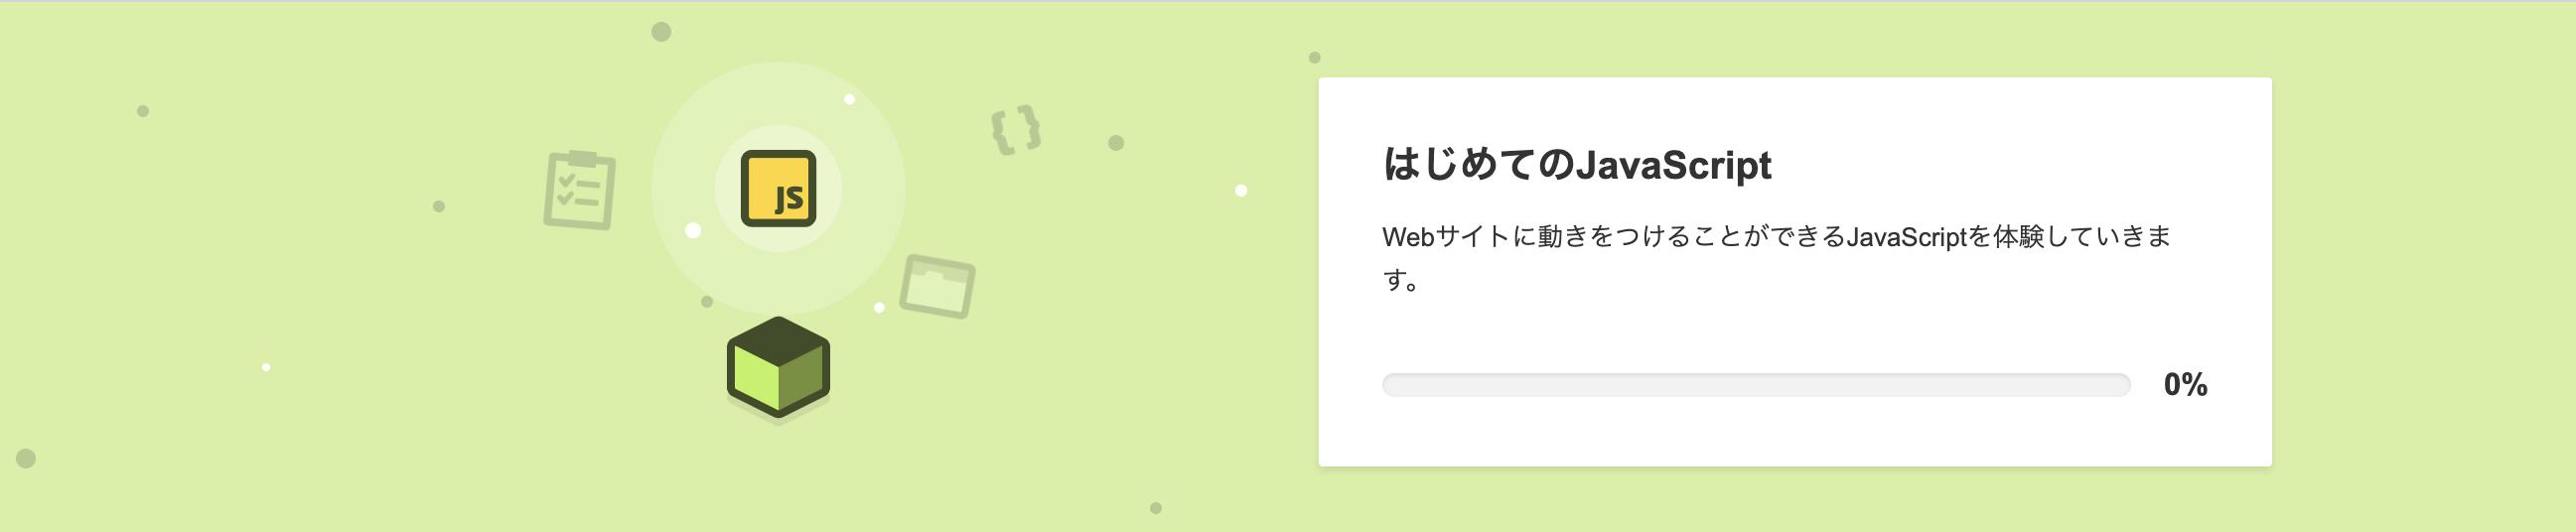 スクリーンショット-2021-08-26-11.09.58